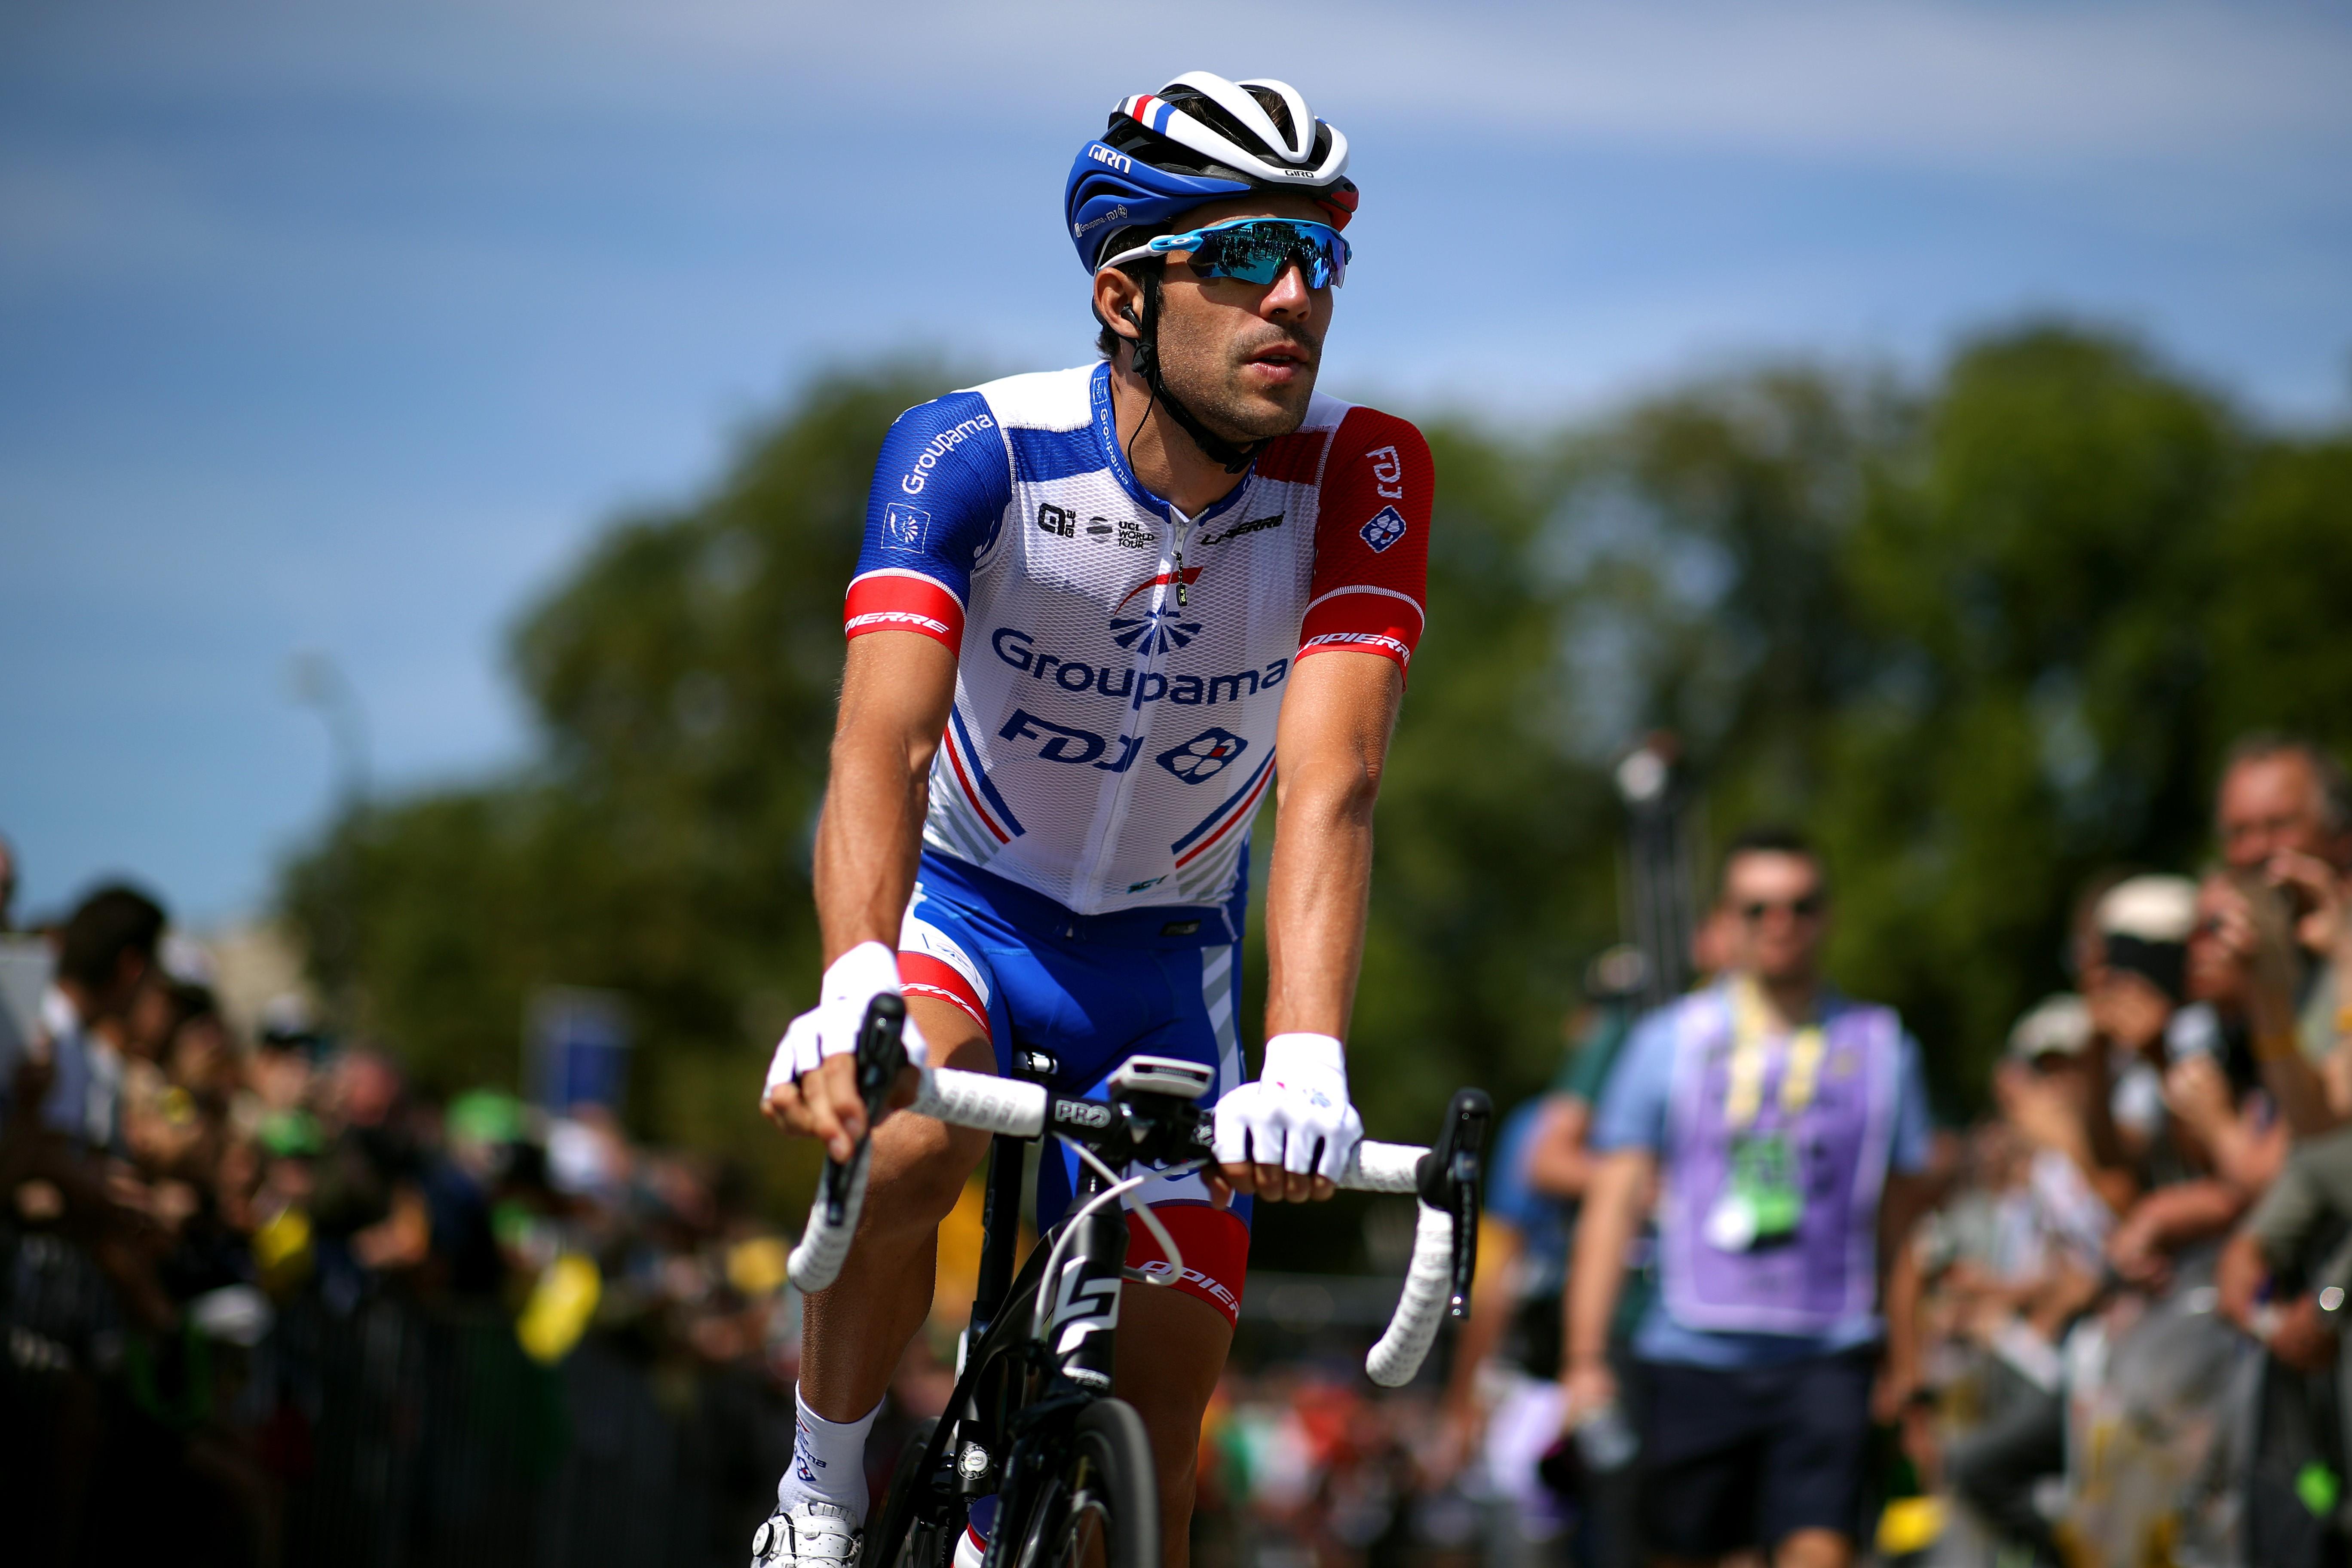 Thibaut Pinot (Groupama-FDJ) - Tour de France 2019